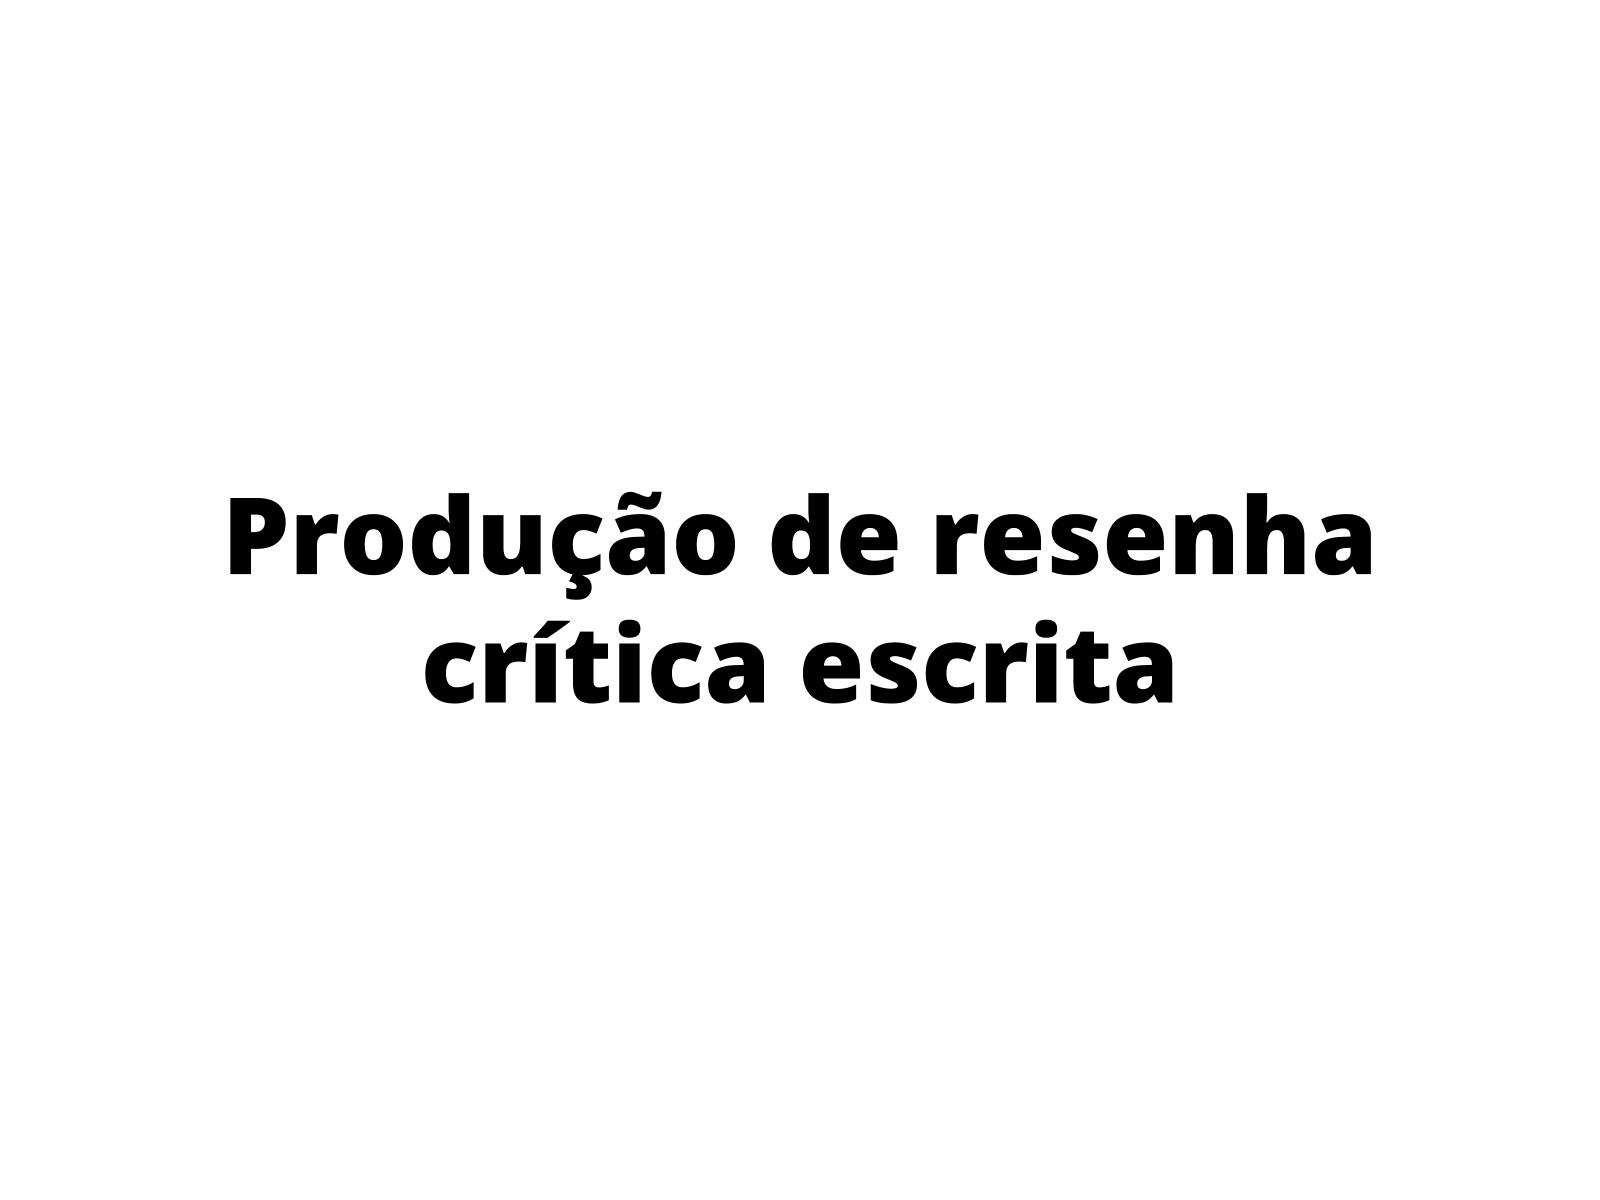 Produção de resenha crítica escrita